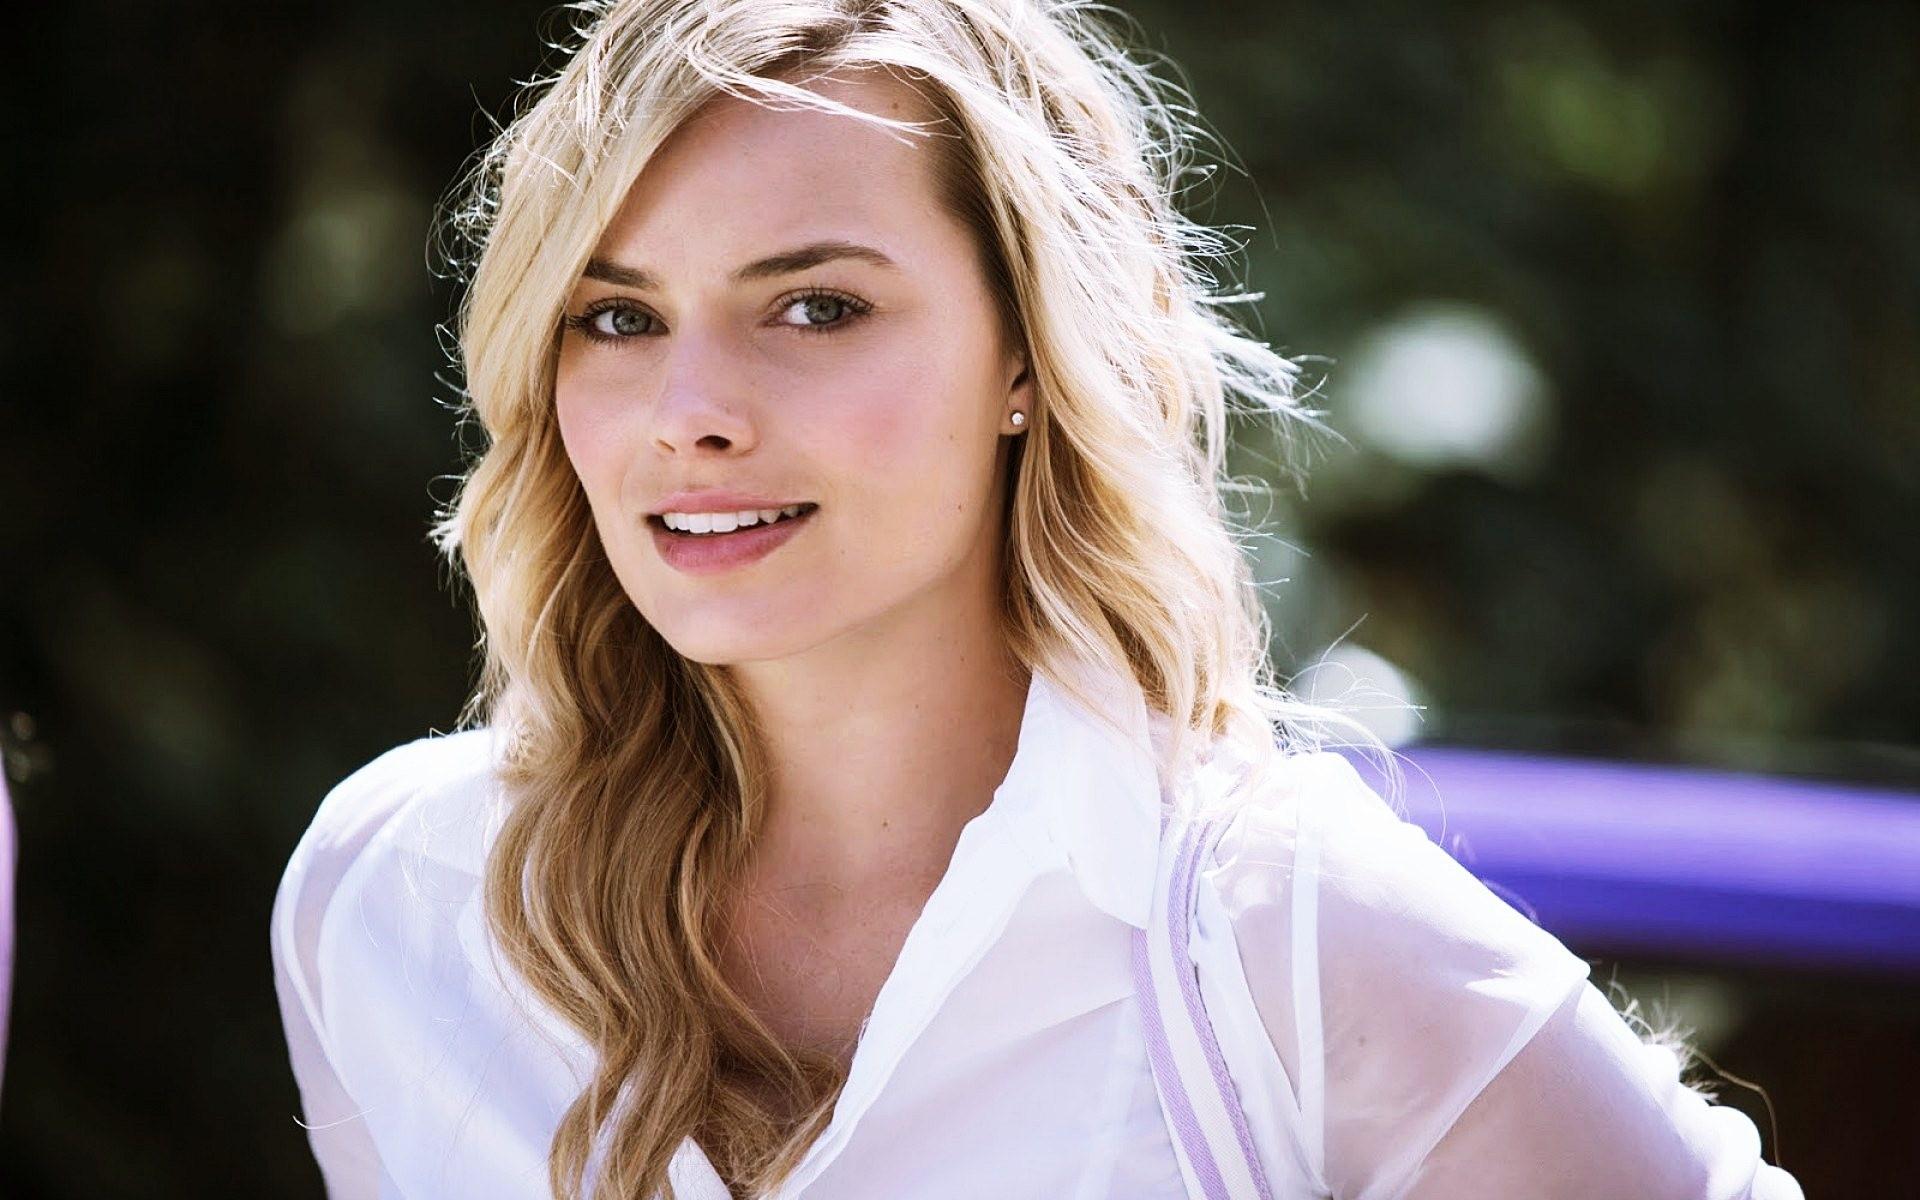 Wallpaper Chelsea 3d Android Margot Robbie Actress Hd Celebrities 4k Wallpapers